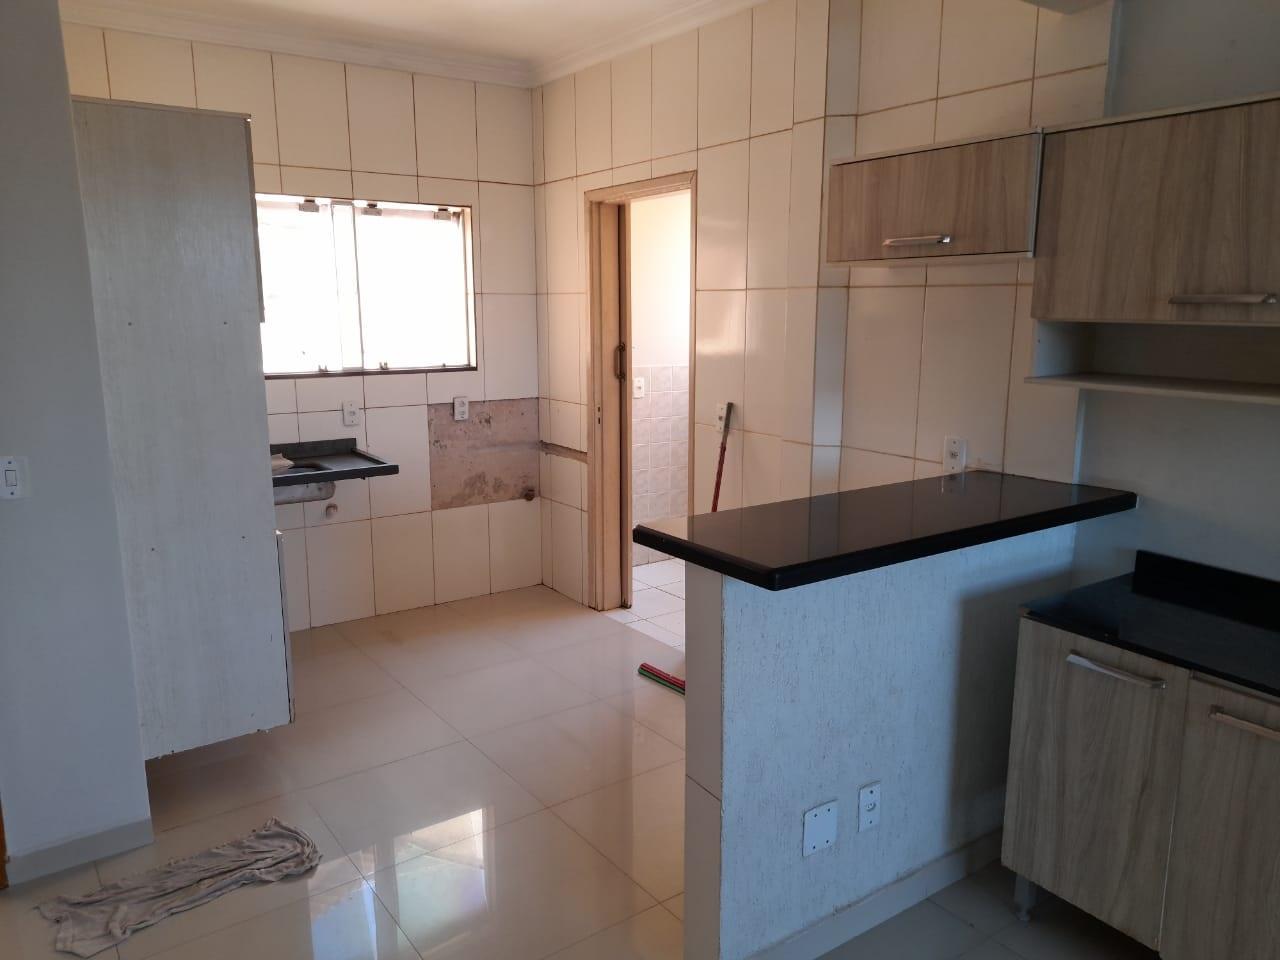 Apartamento para aluguel,  com 3 quartos sendo 1 suite no Residencial Paiaguais em Cuiabá MT 101 12905